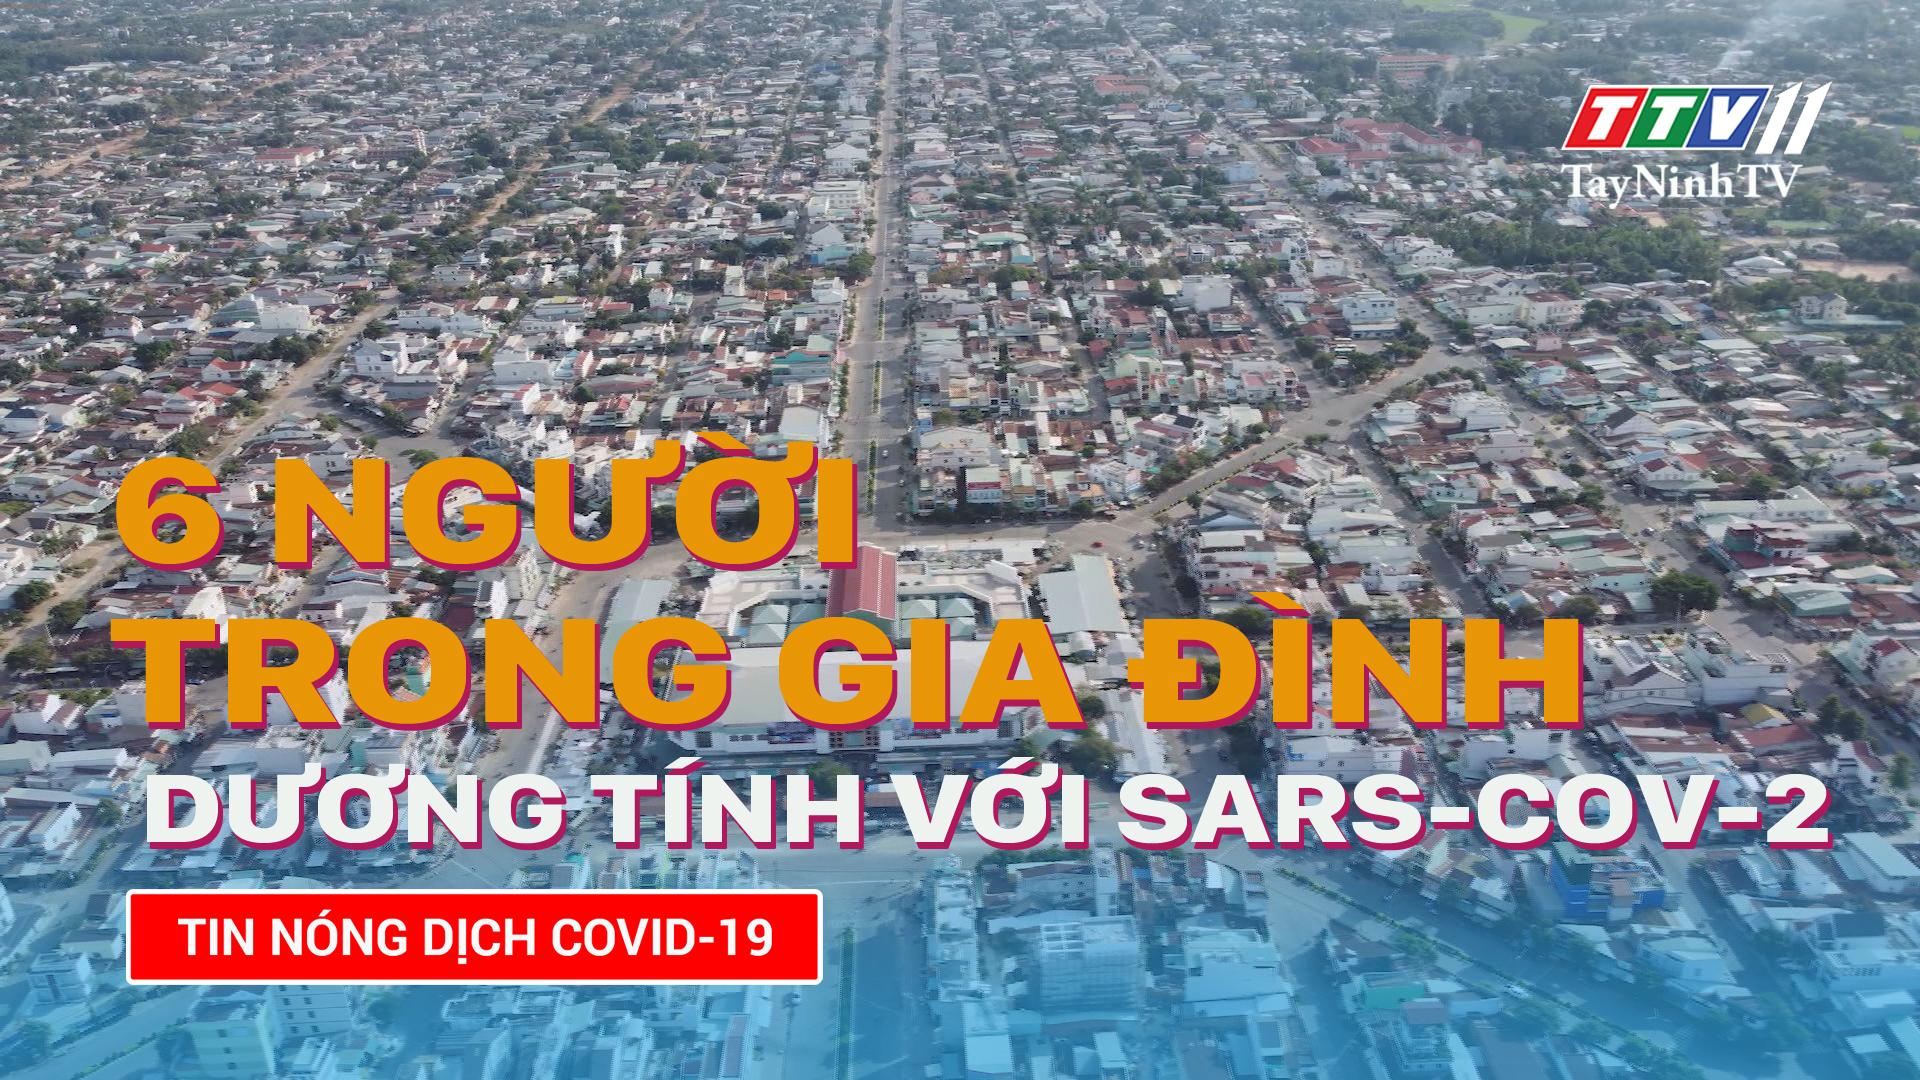 Thị xã Hòa Thành: 6 người trong gia đình dương tính với SARS-CoV-2 | TayNinhTV